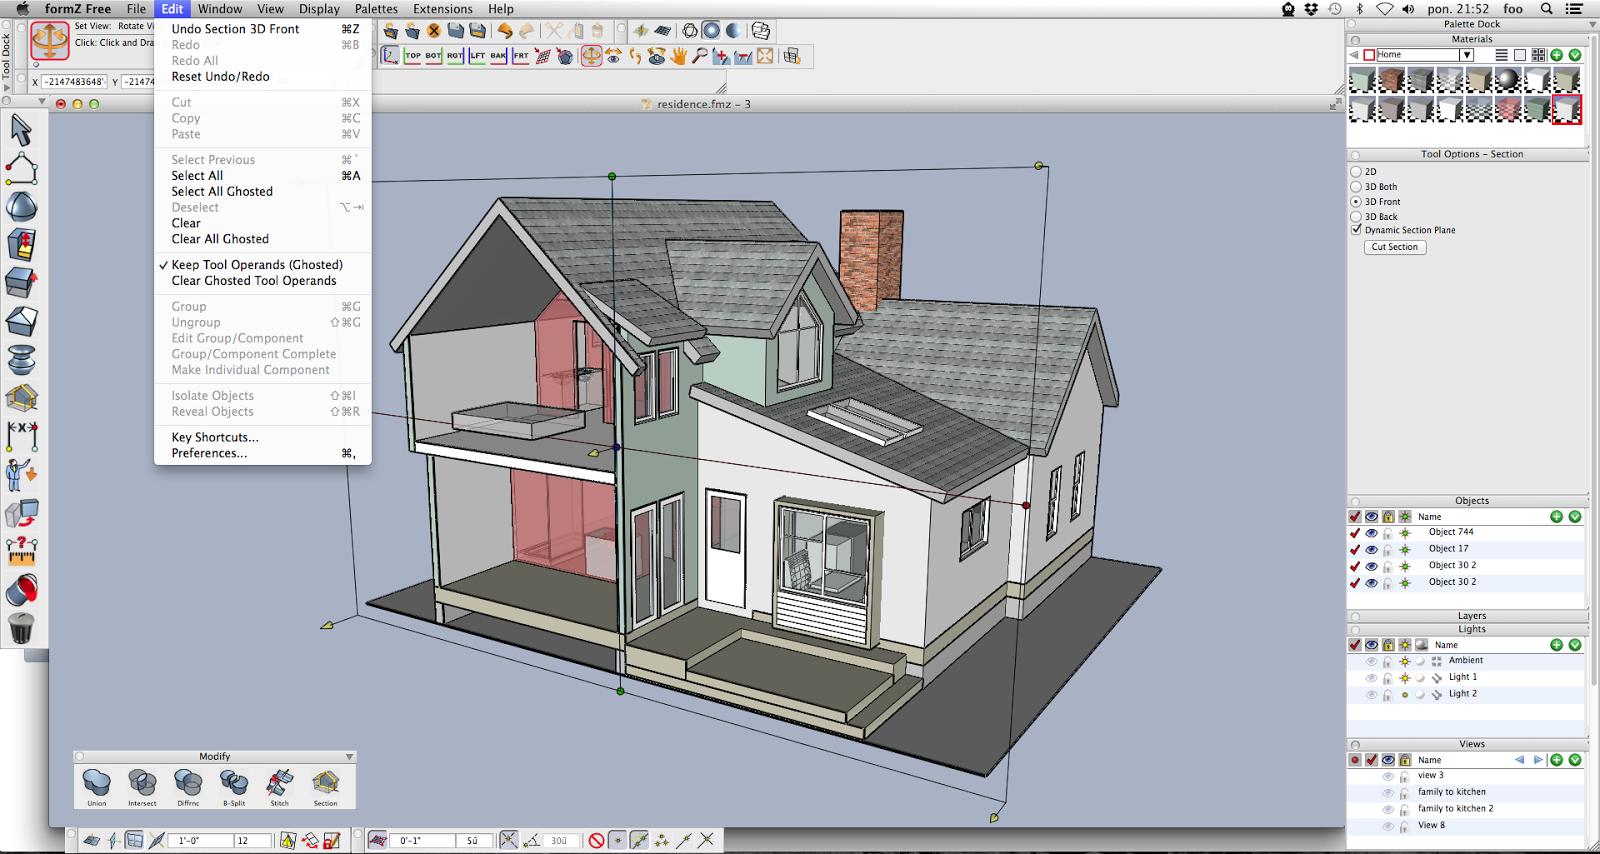 Techlab272 guida ai cad 3d per makers hobbysti e per la for Software per arredare casa 3d gratis